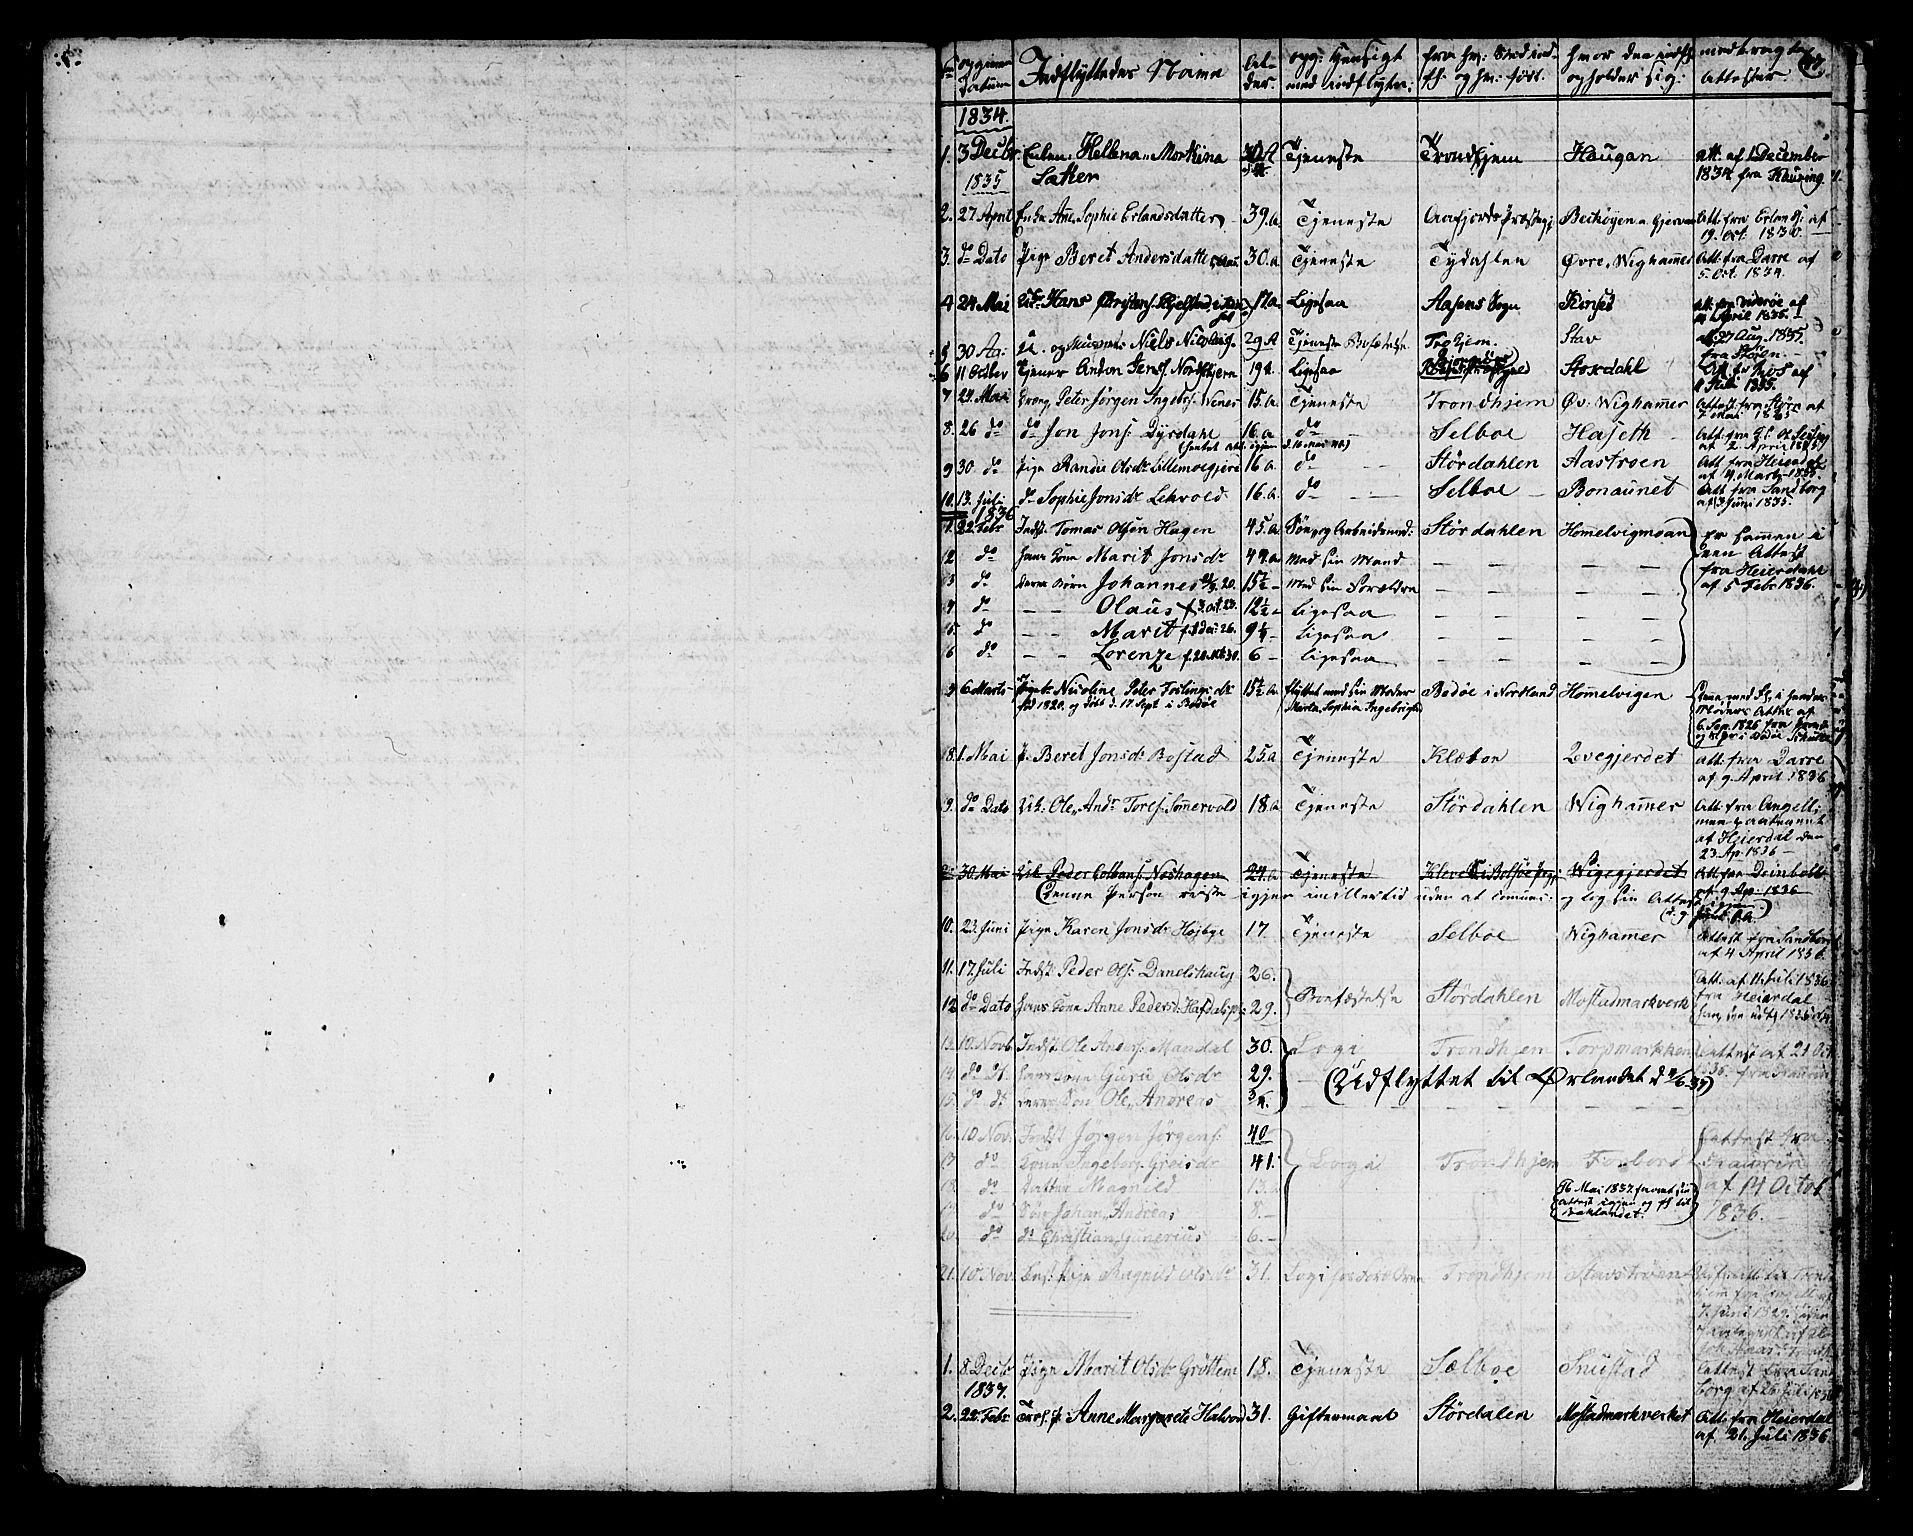 SAT, Ministerialprotokoller, klokkerbøker og fødselsregistre - Sør-Trøndelag, 616/L0421: Klokkerbok nr. 616C04, 1834-1850, s. 47